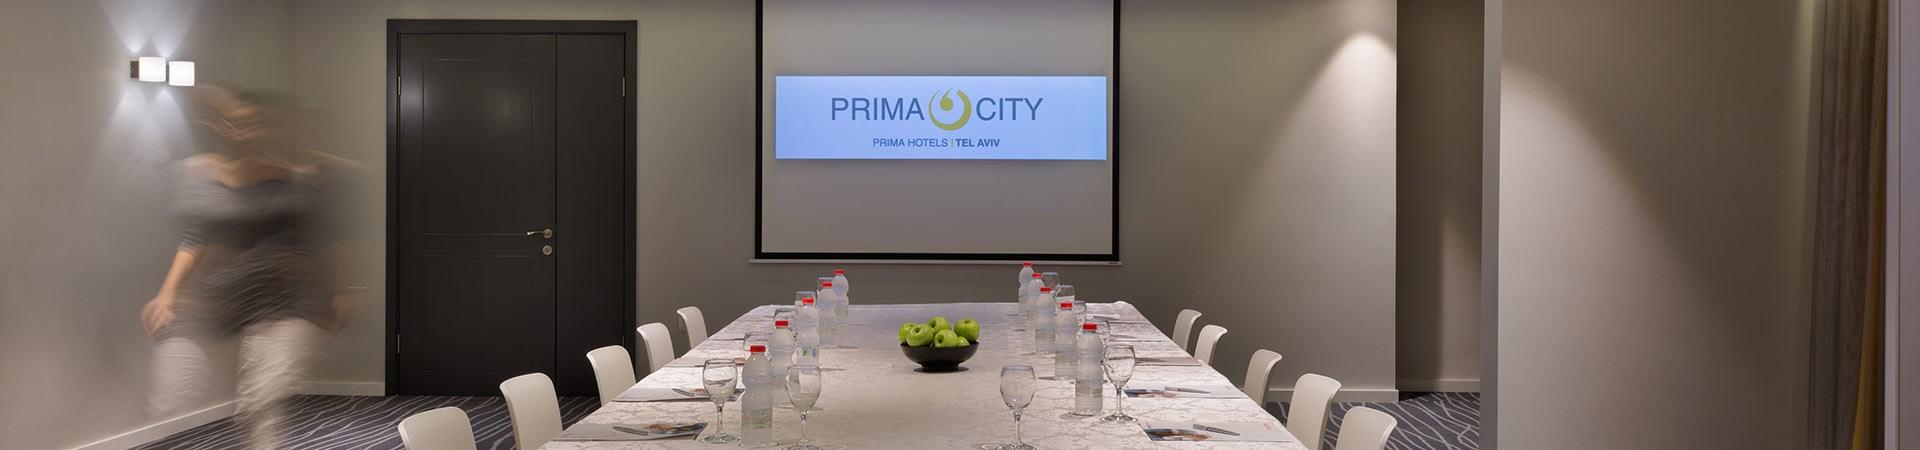 פרימה סיטי - אירועים וכנסים